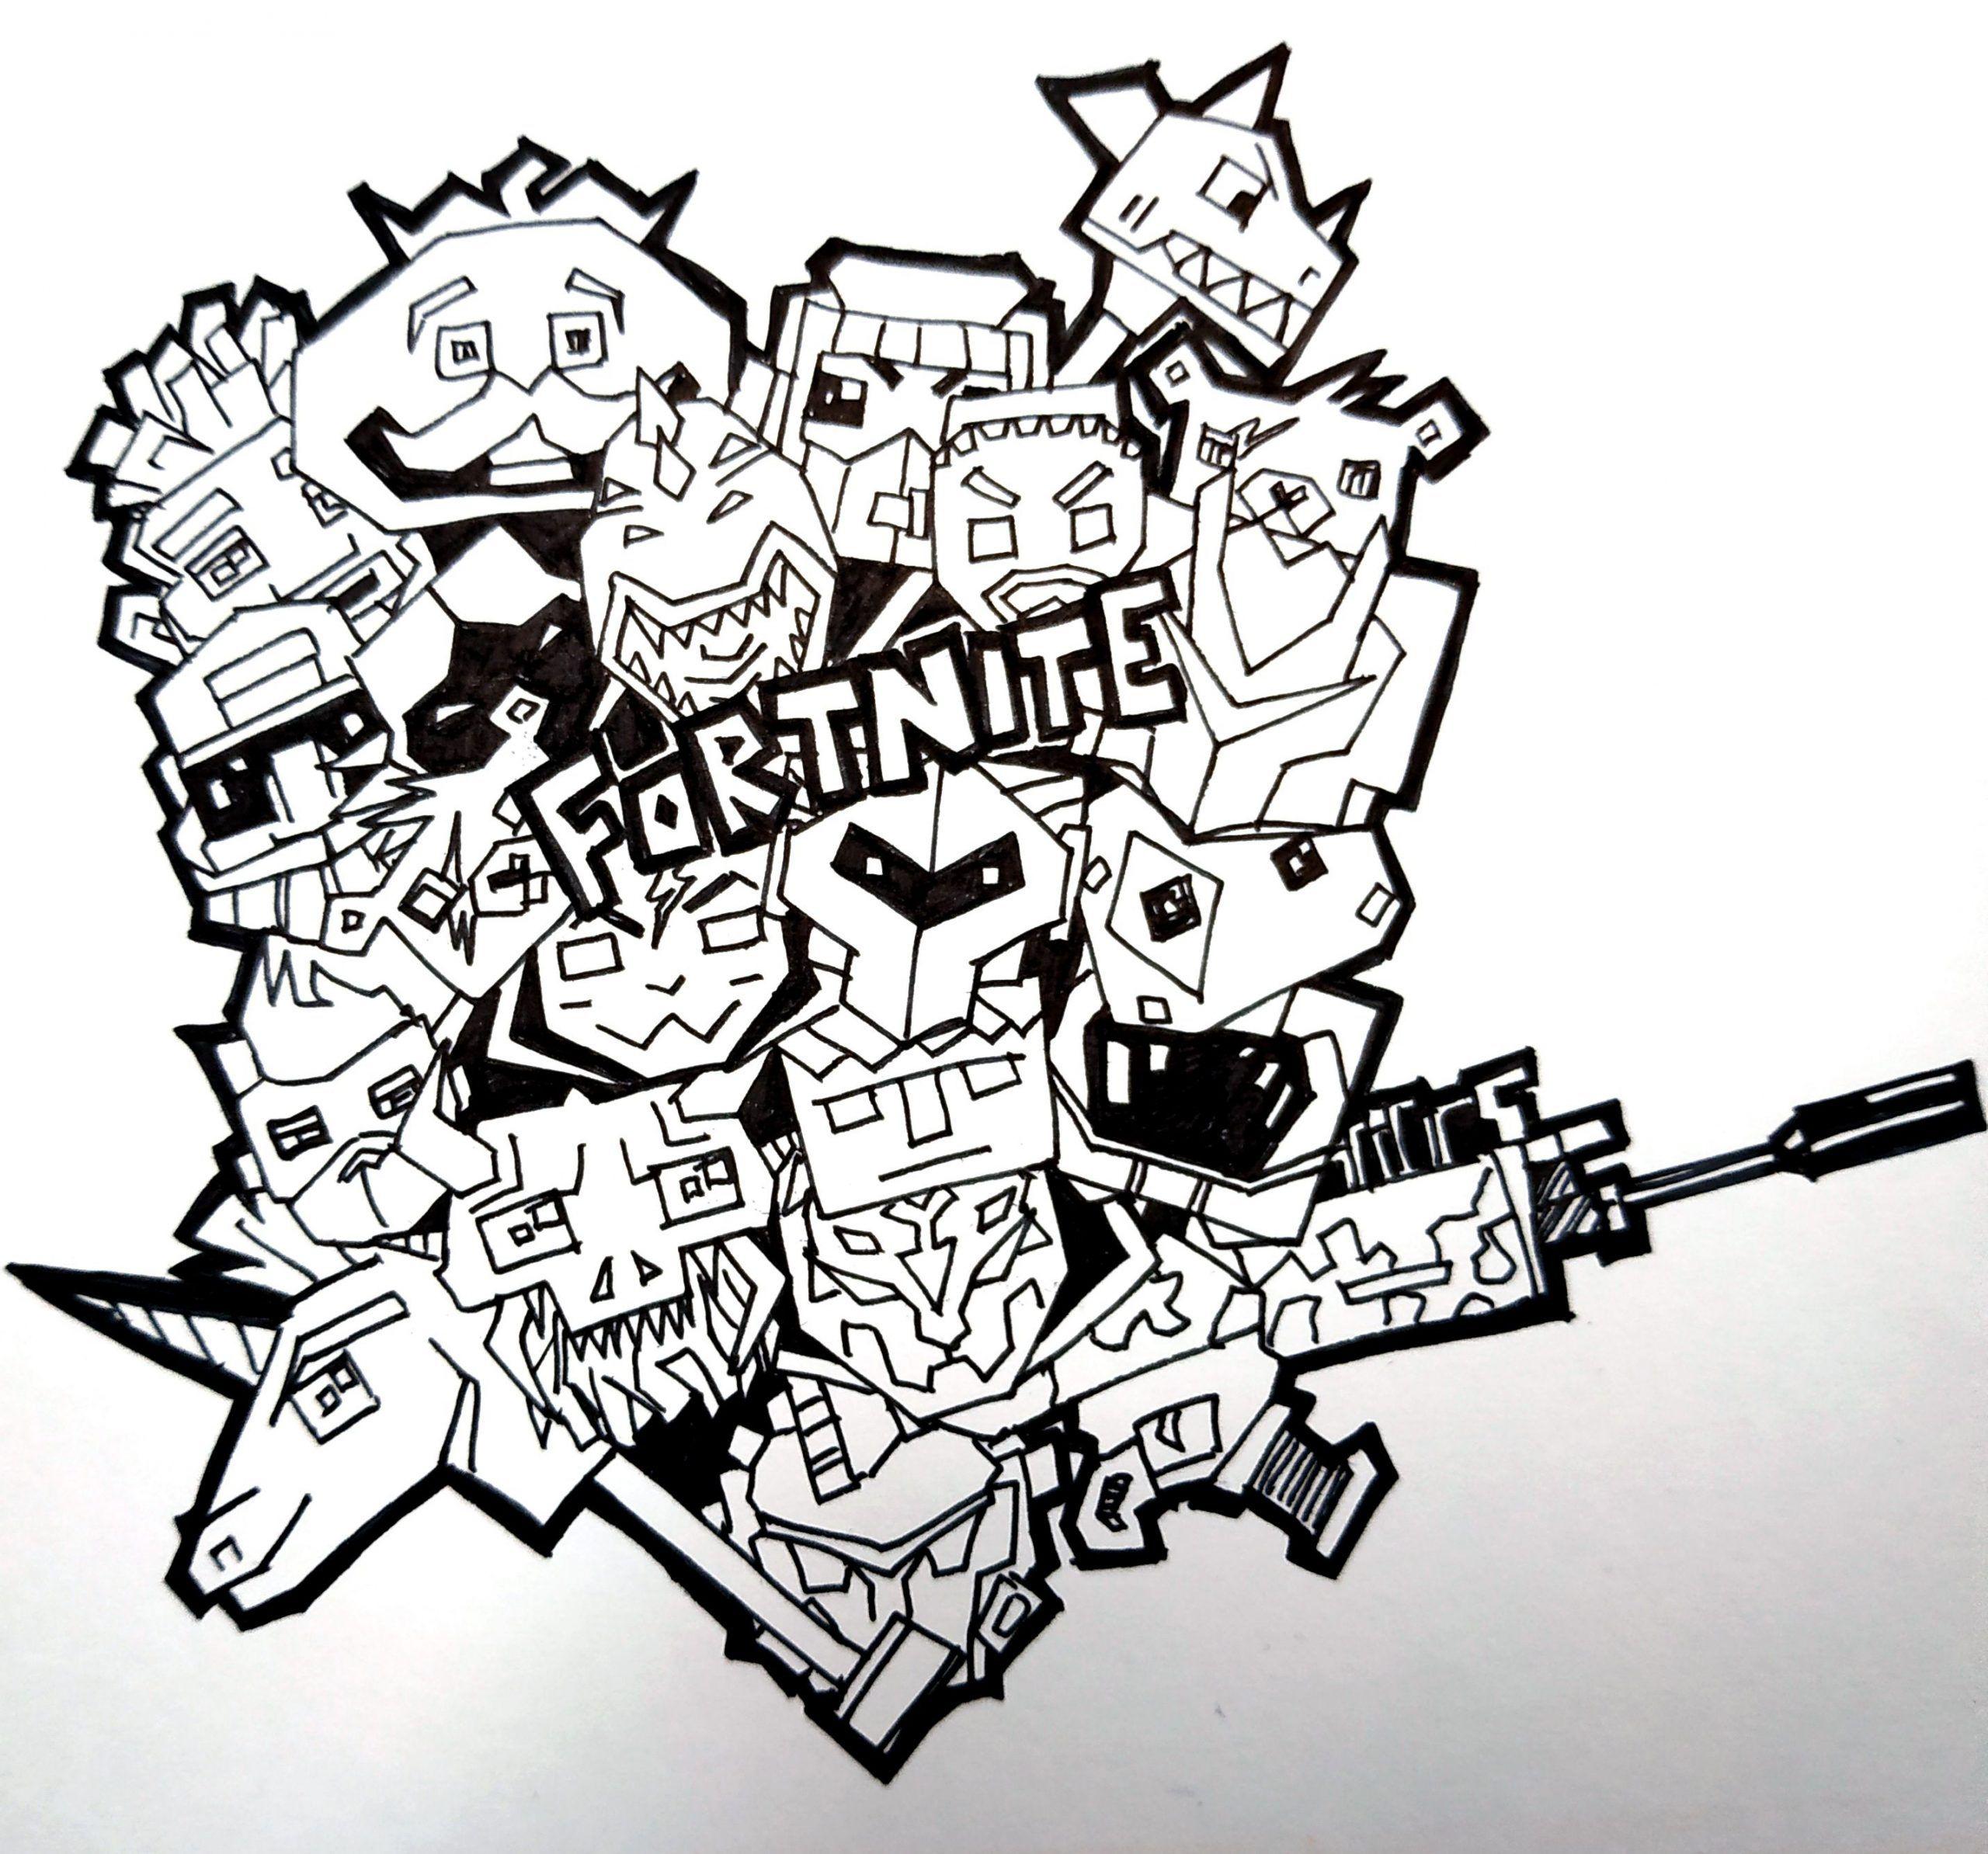 Skin Disegni Kawaii Fortnite Fortnite Doodle Art Asmr Fortnite Doodleart Asmr Scaled In 2020 Doodle Art Doodle Drawings Doodle Art Drawing